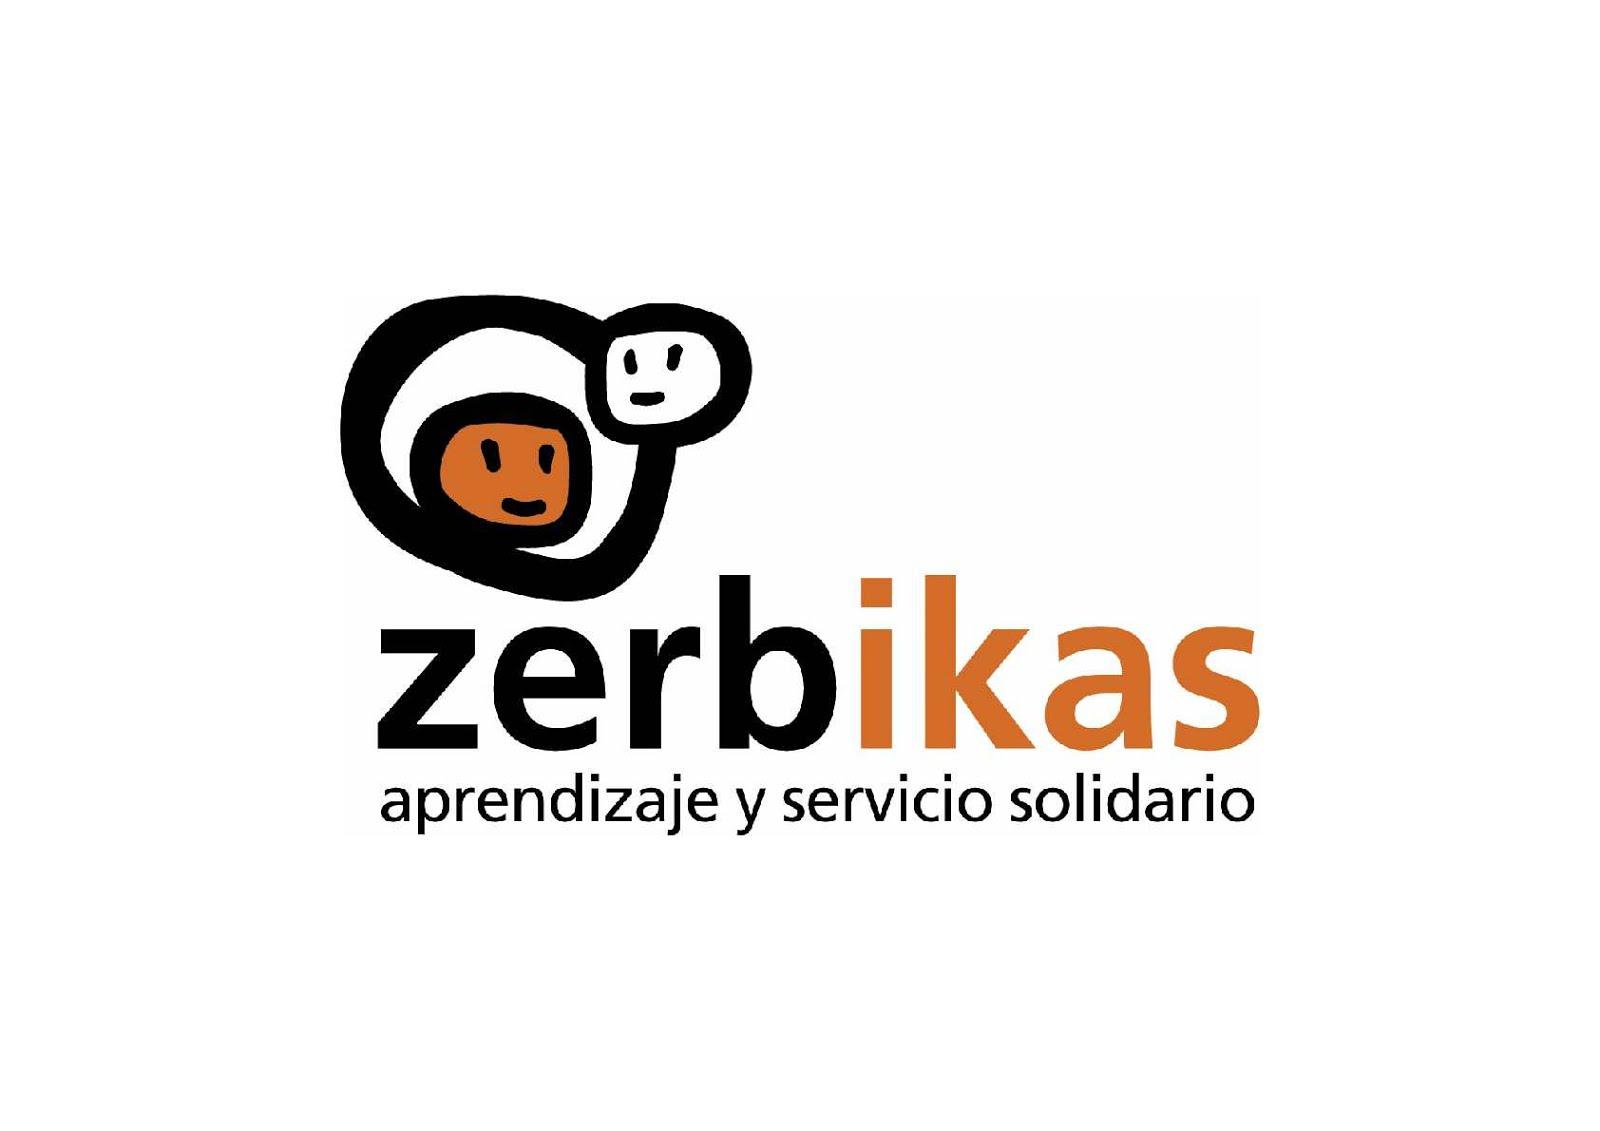 PÁGINA DE ZERBIKAS